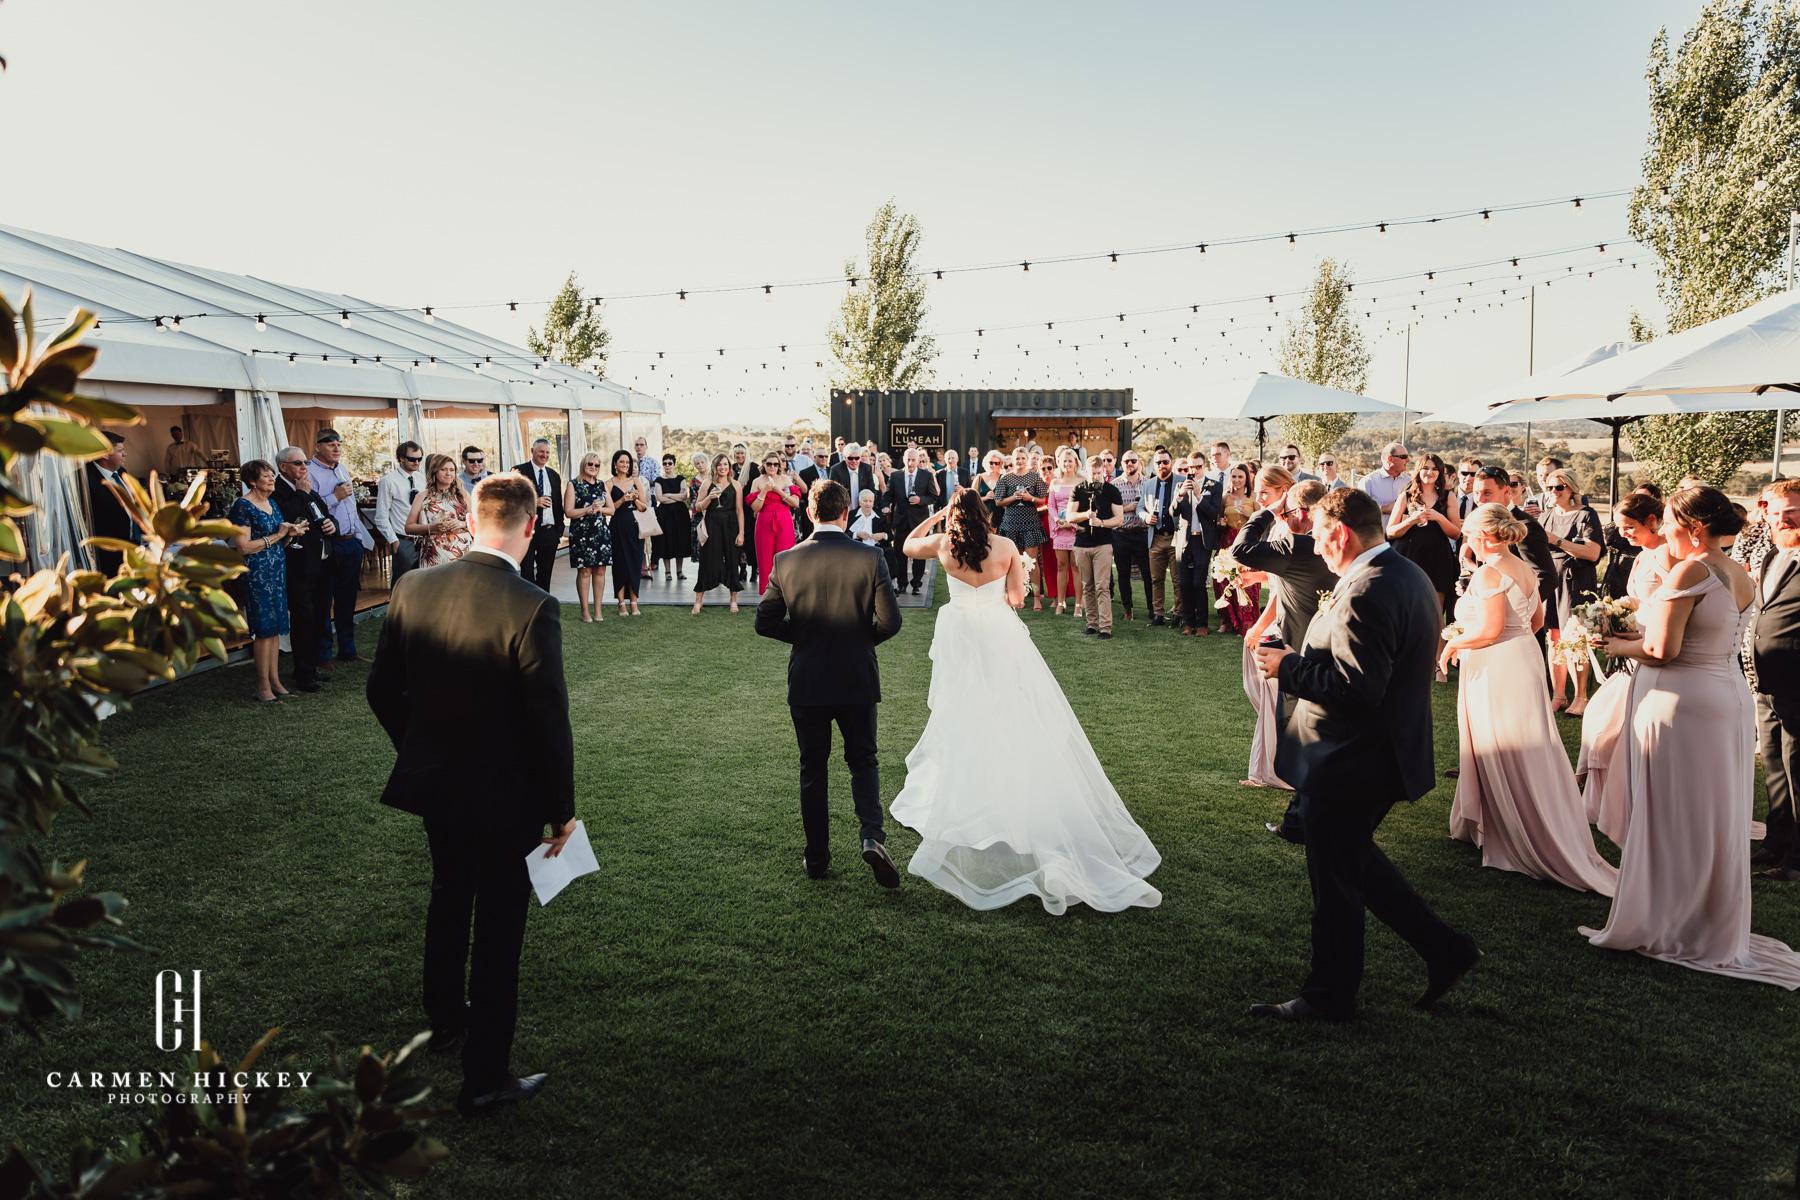 wagga-wedding-food-i-am94.jpg